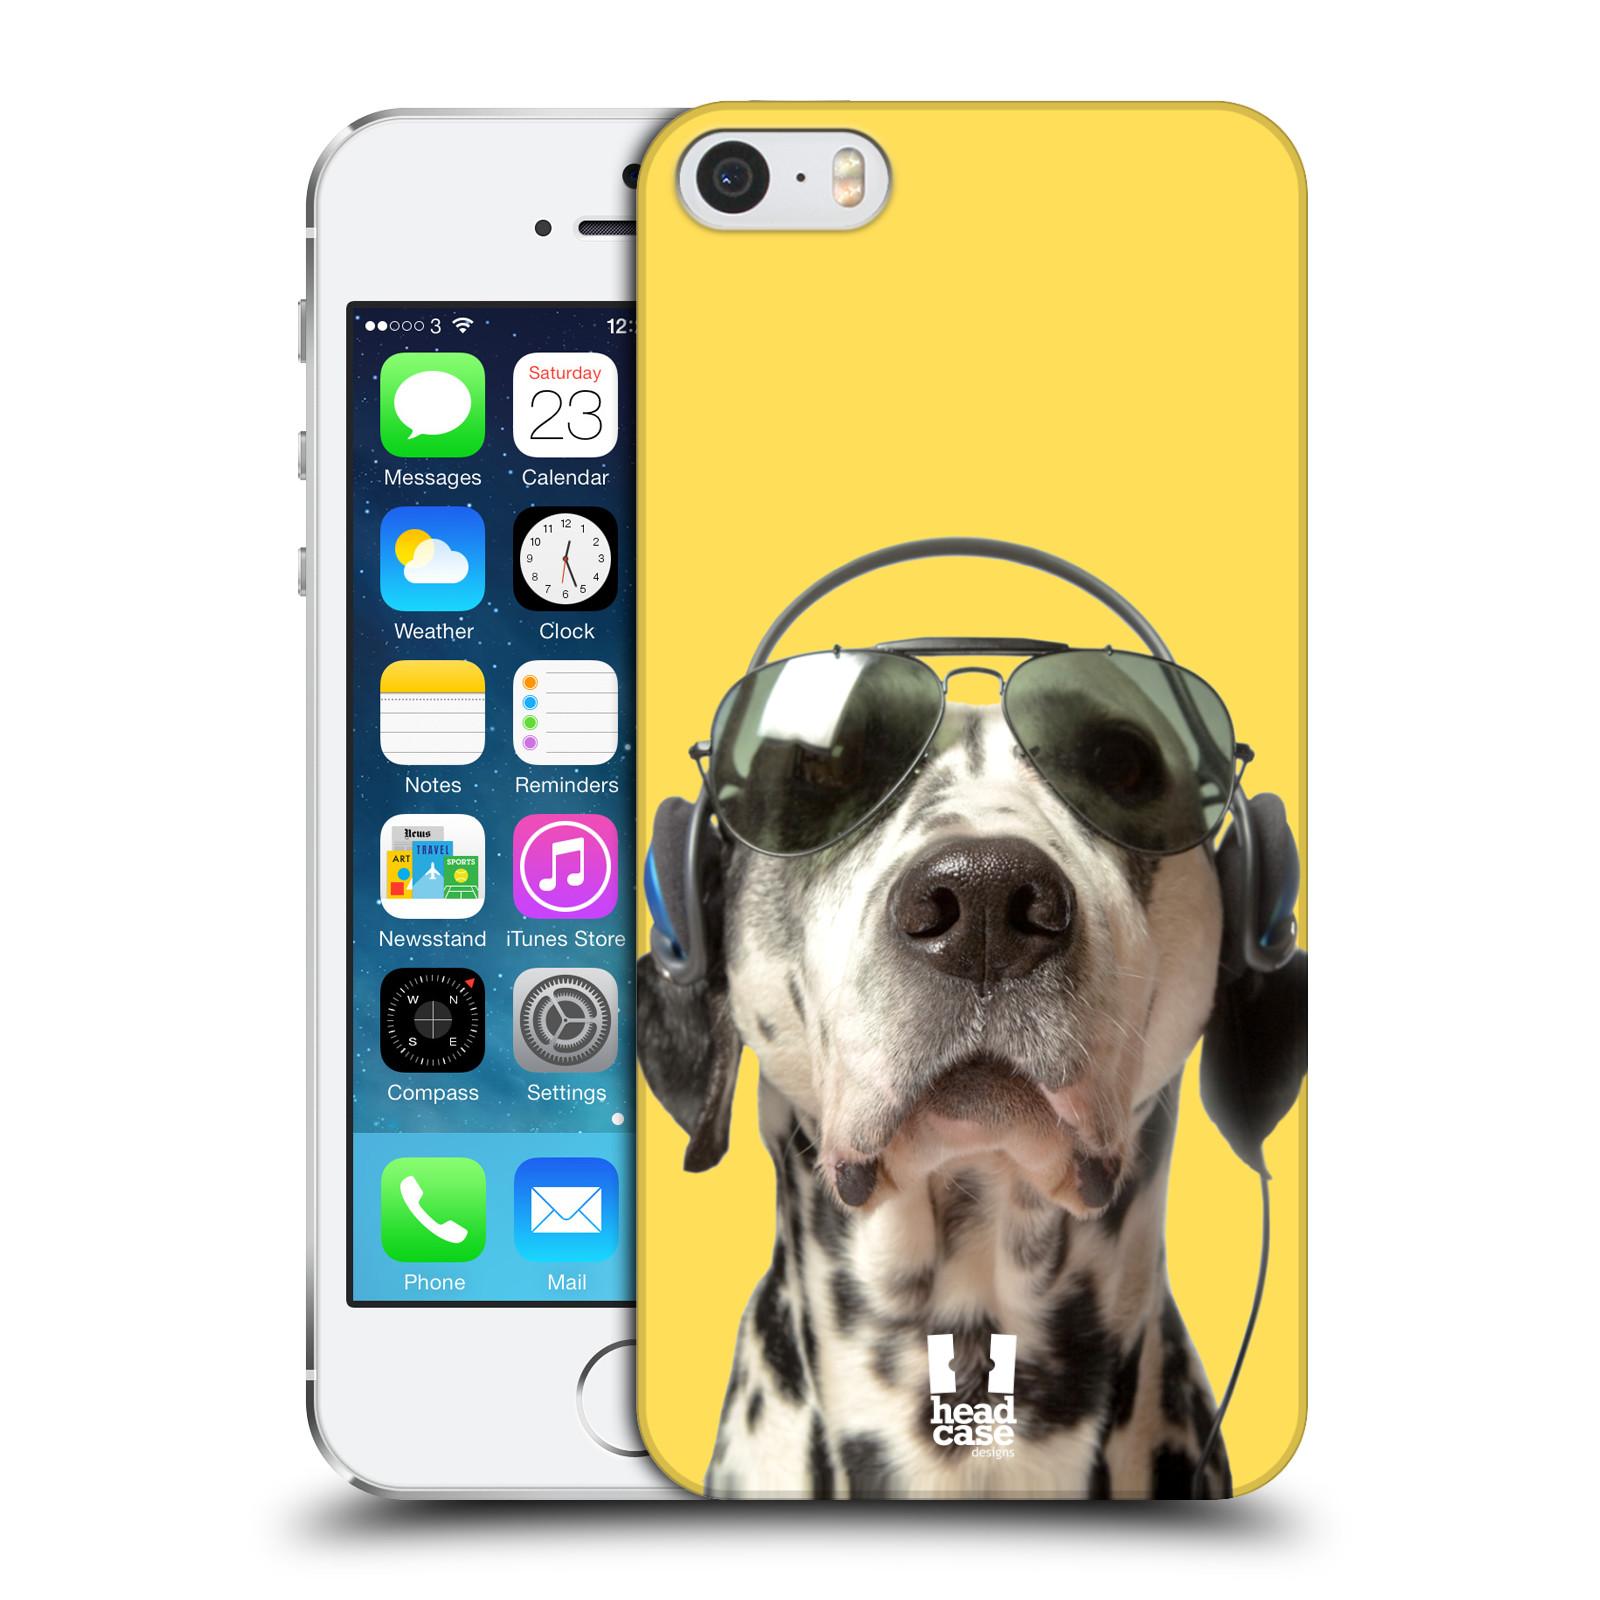 Plastové pouzdro pro mobil Apple Iphone 5 / 5S / SE vzor Legrační zvířátka dalmatin se sluchátky žlutá